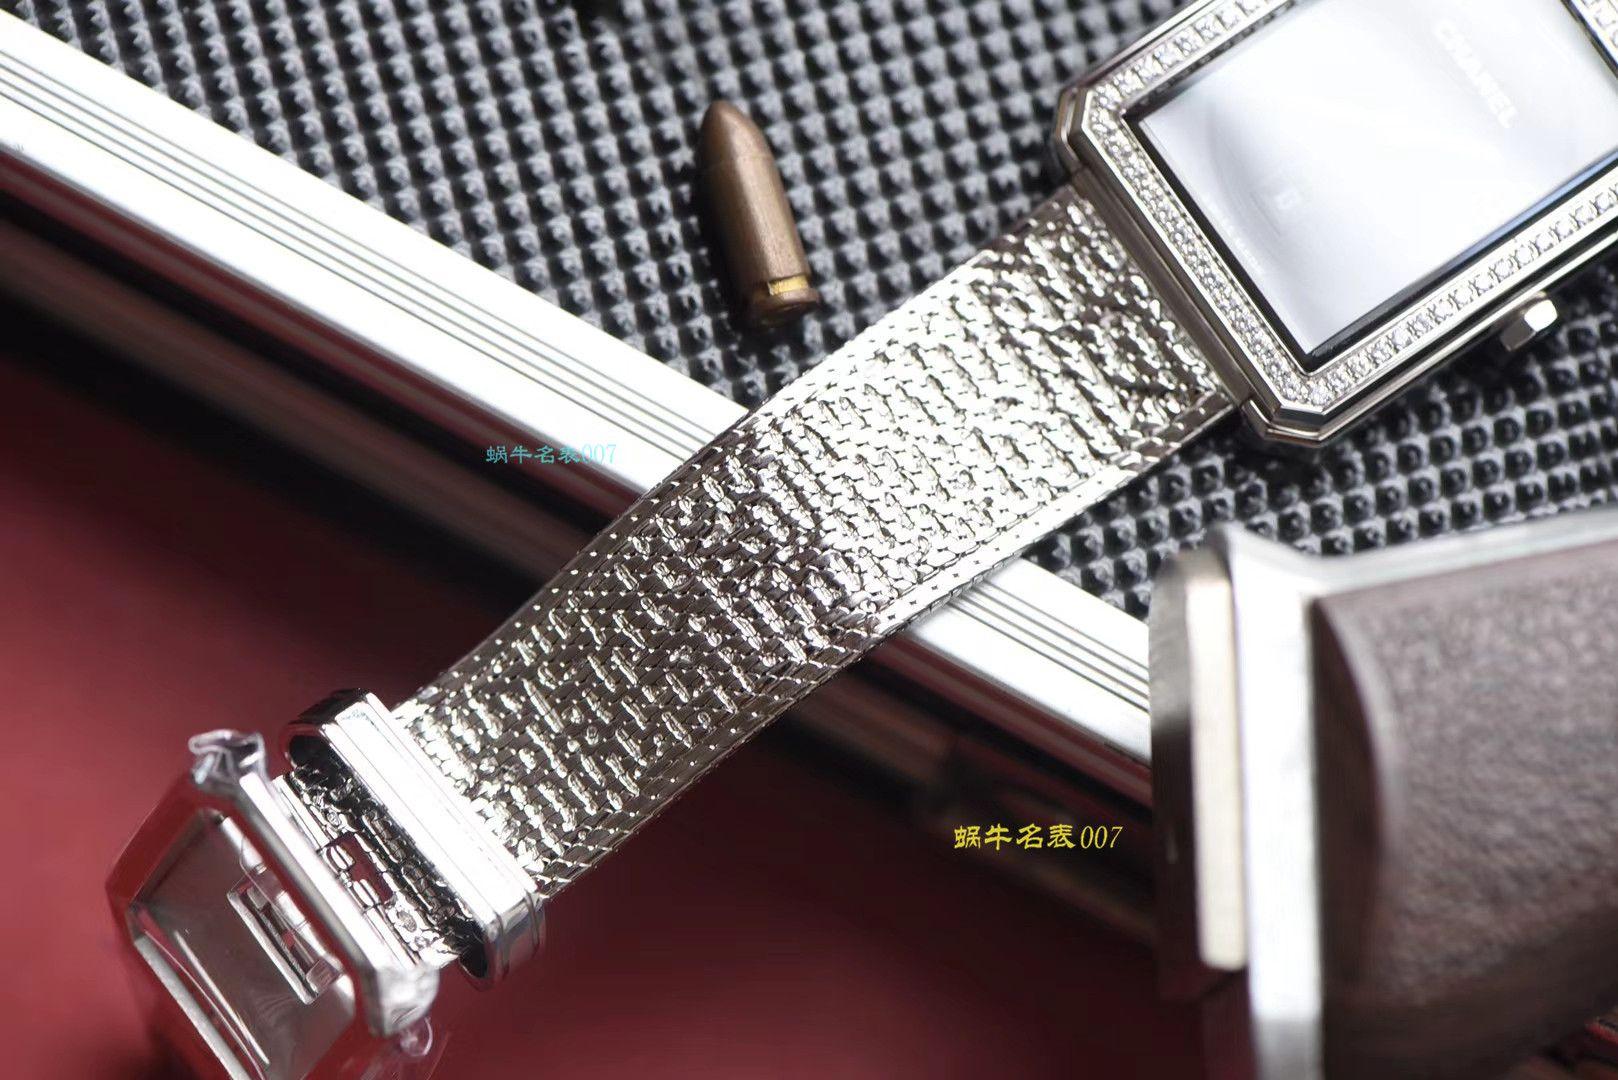 【复刻手表哪家好】香奈儿BOY · FRIEND系列BOY∙FRIEND TWEED女士腕表TWEED斜纹软呢钢带多色可选